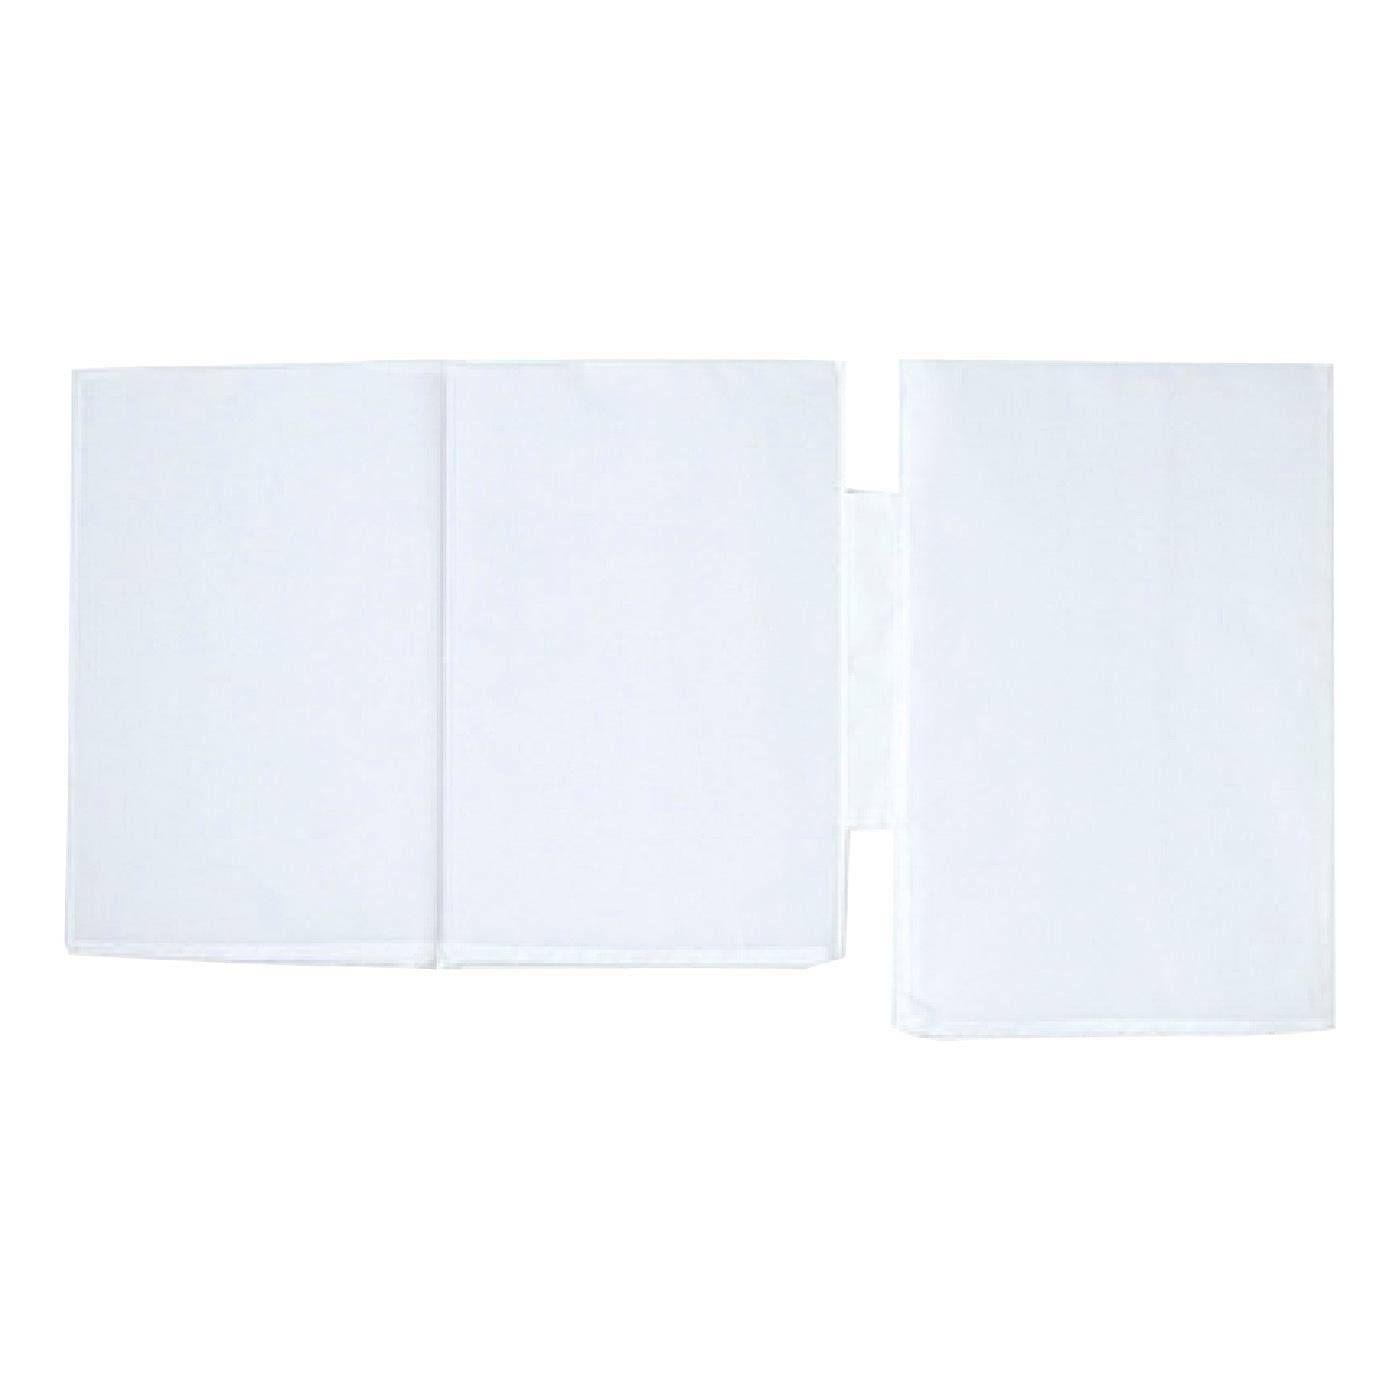 異変に気づける白い底敷き 中でペットに異変があったときに素早く気づけるように内側の底敷きにはメディカルホワイト(白色)を採用。取り外して丸洗いできて衛生的。